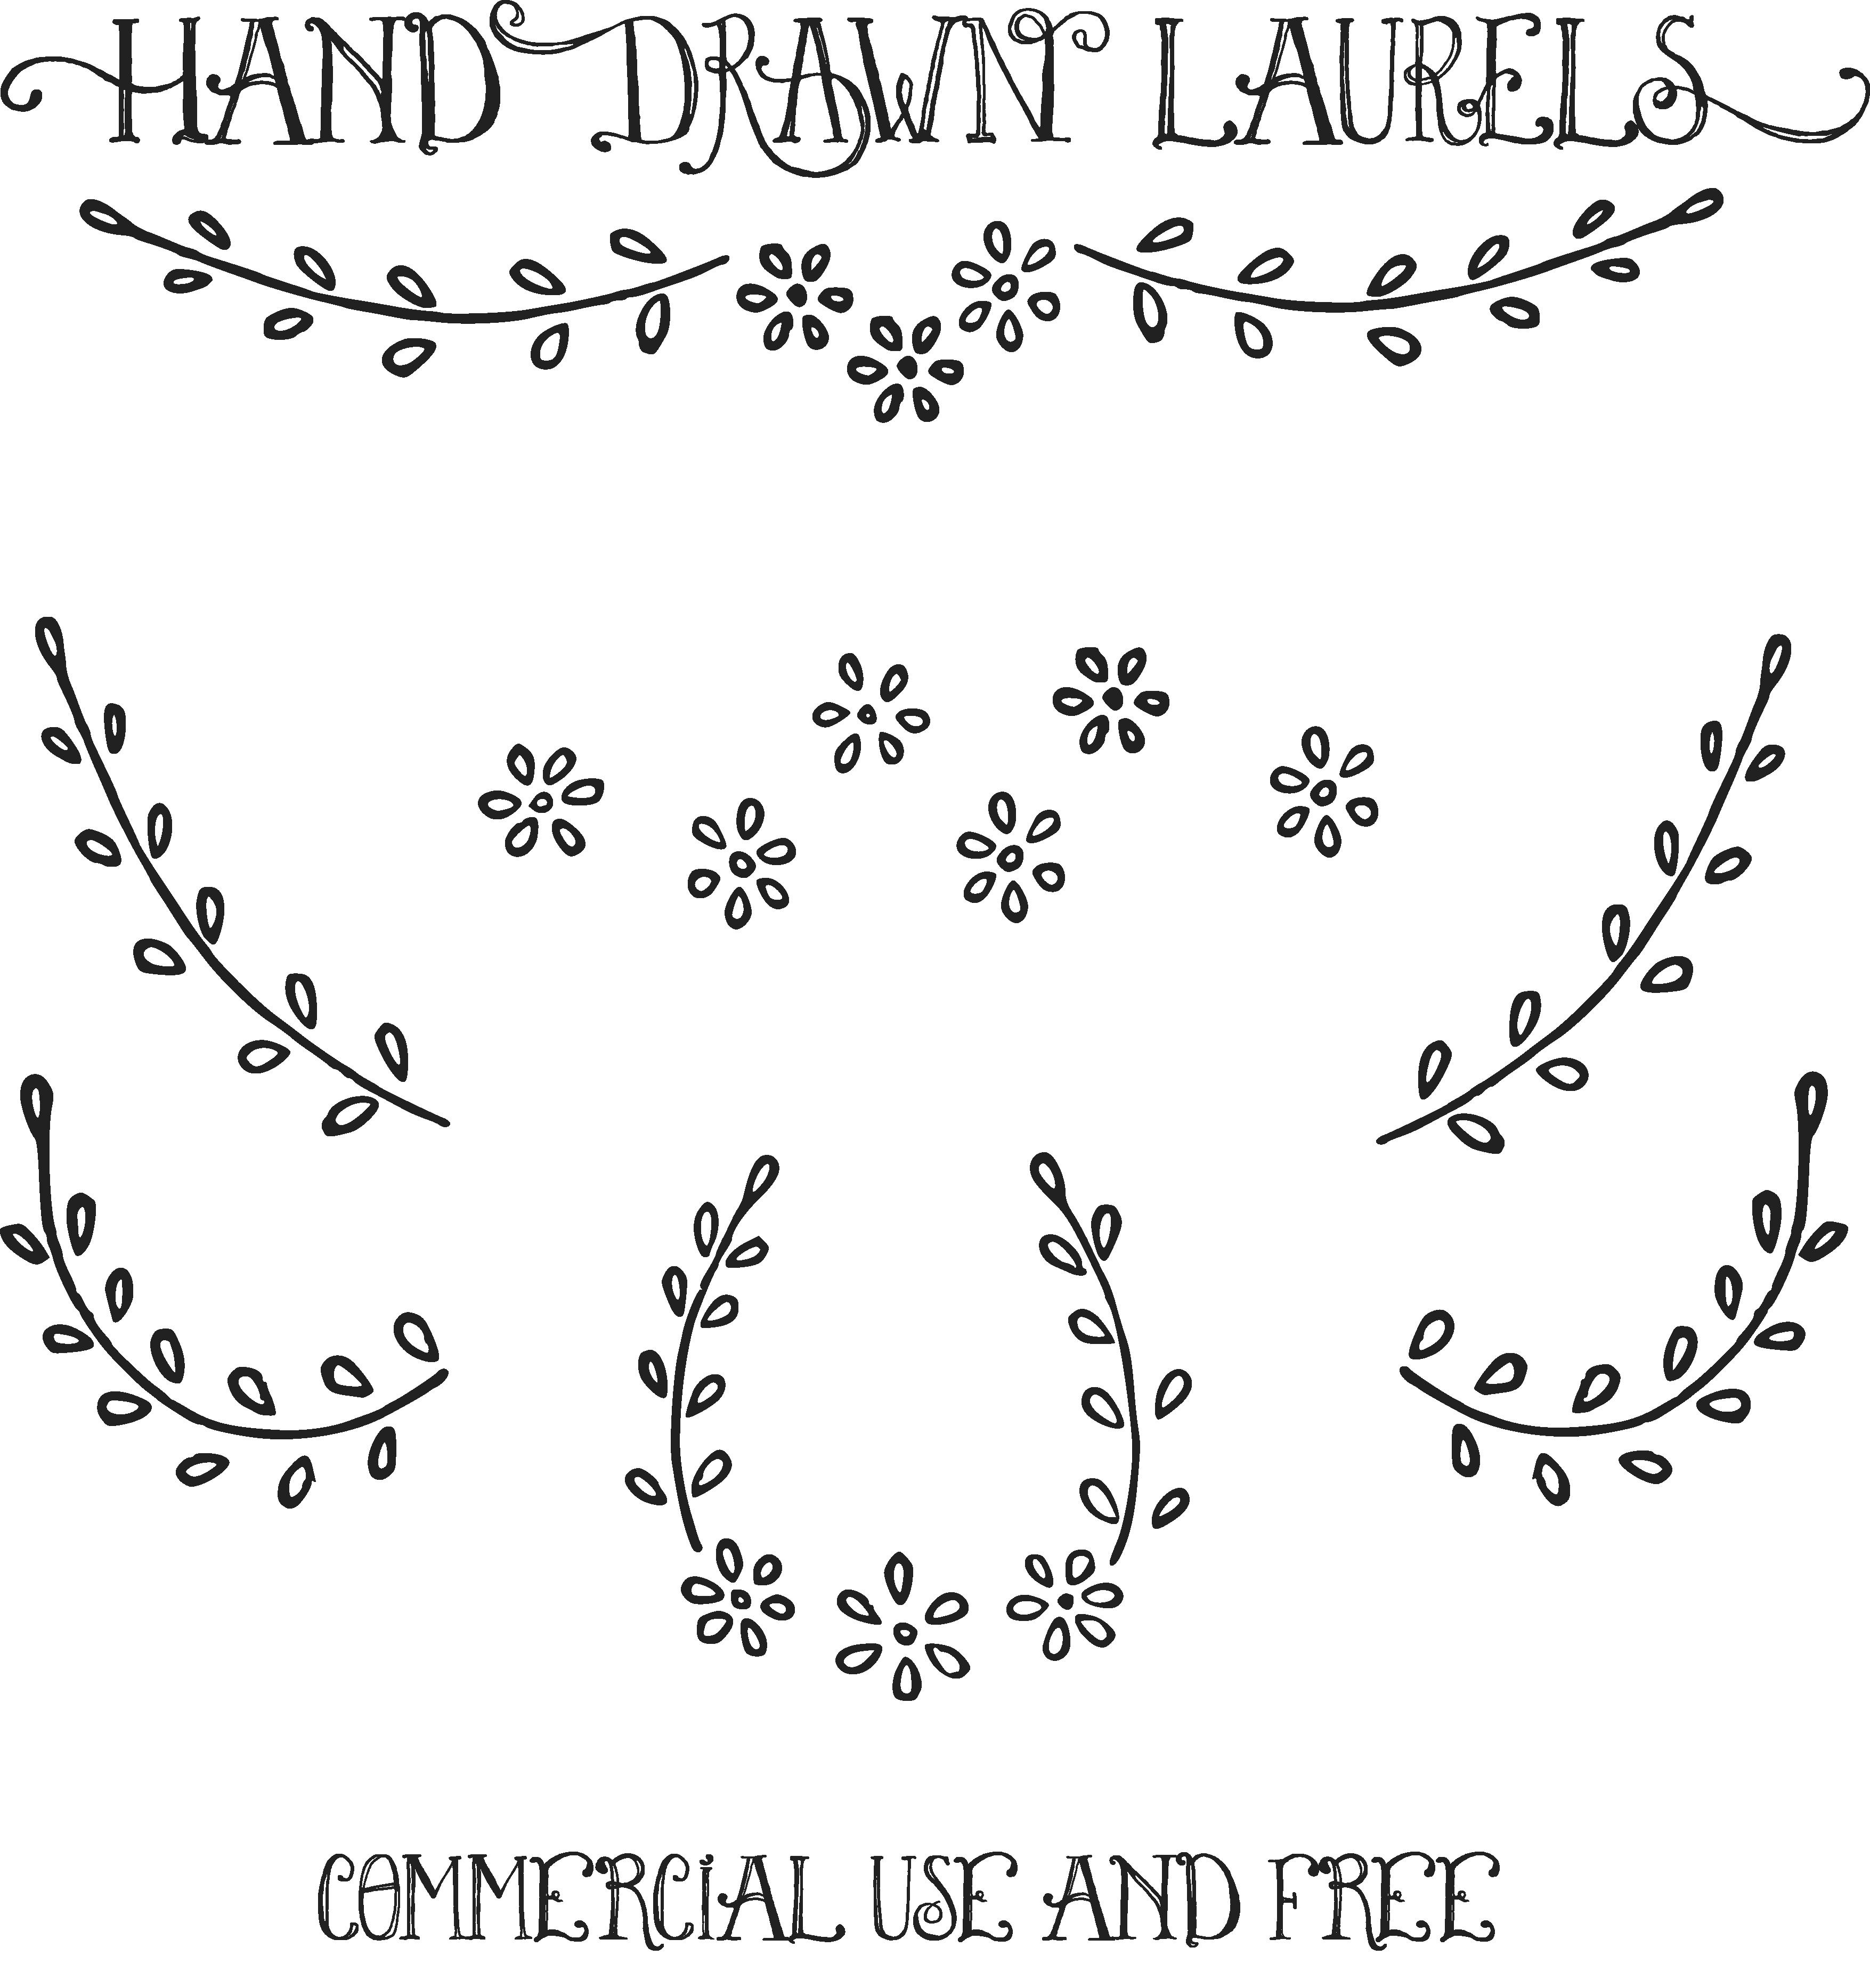 jpg download laureles vector hand drawn #98826363